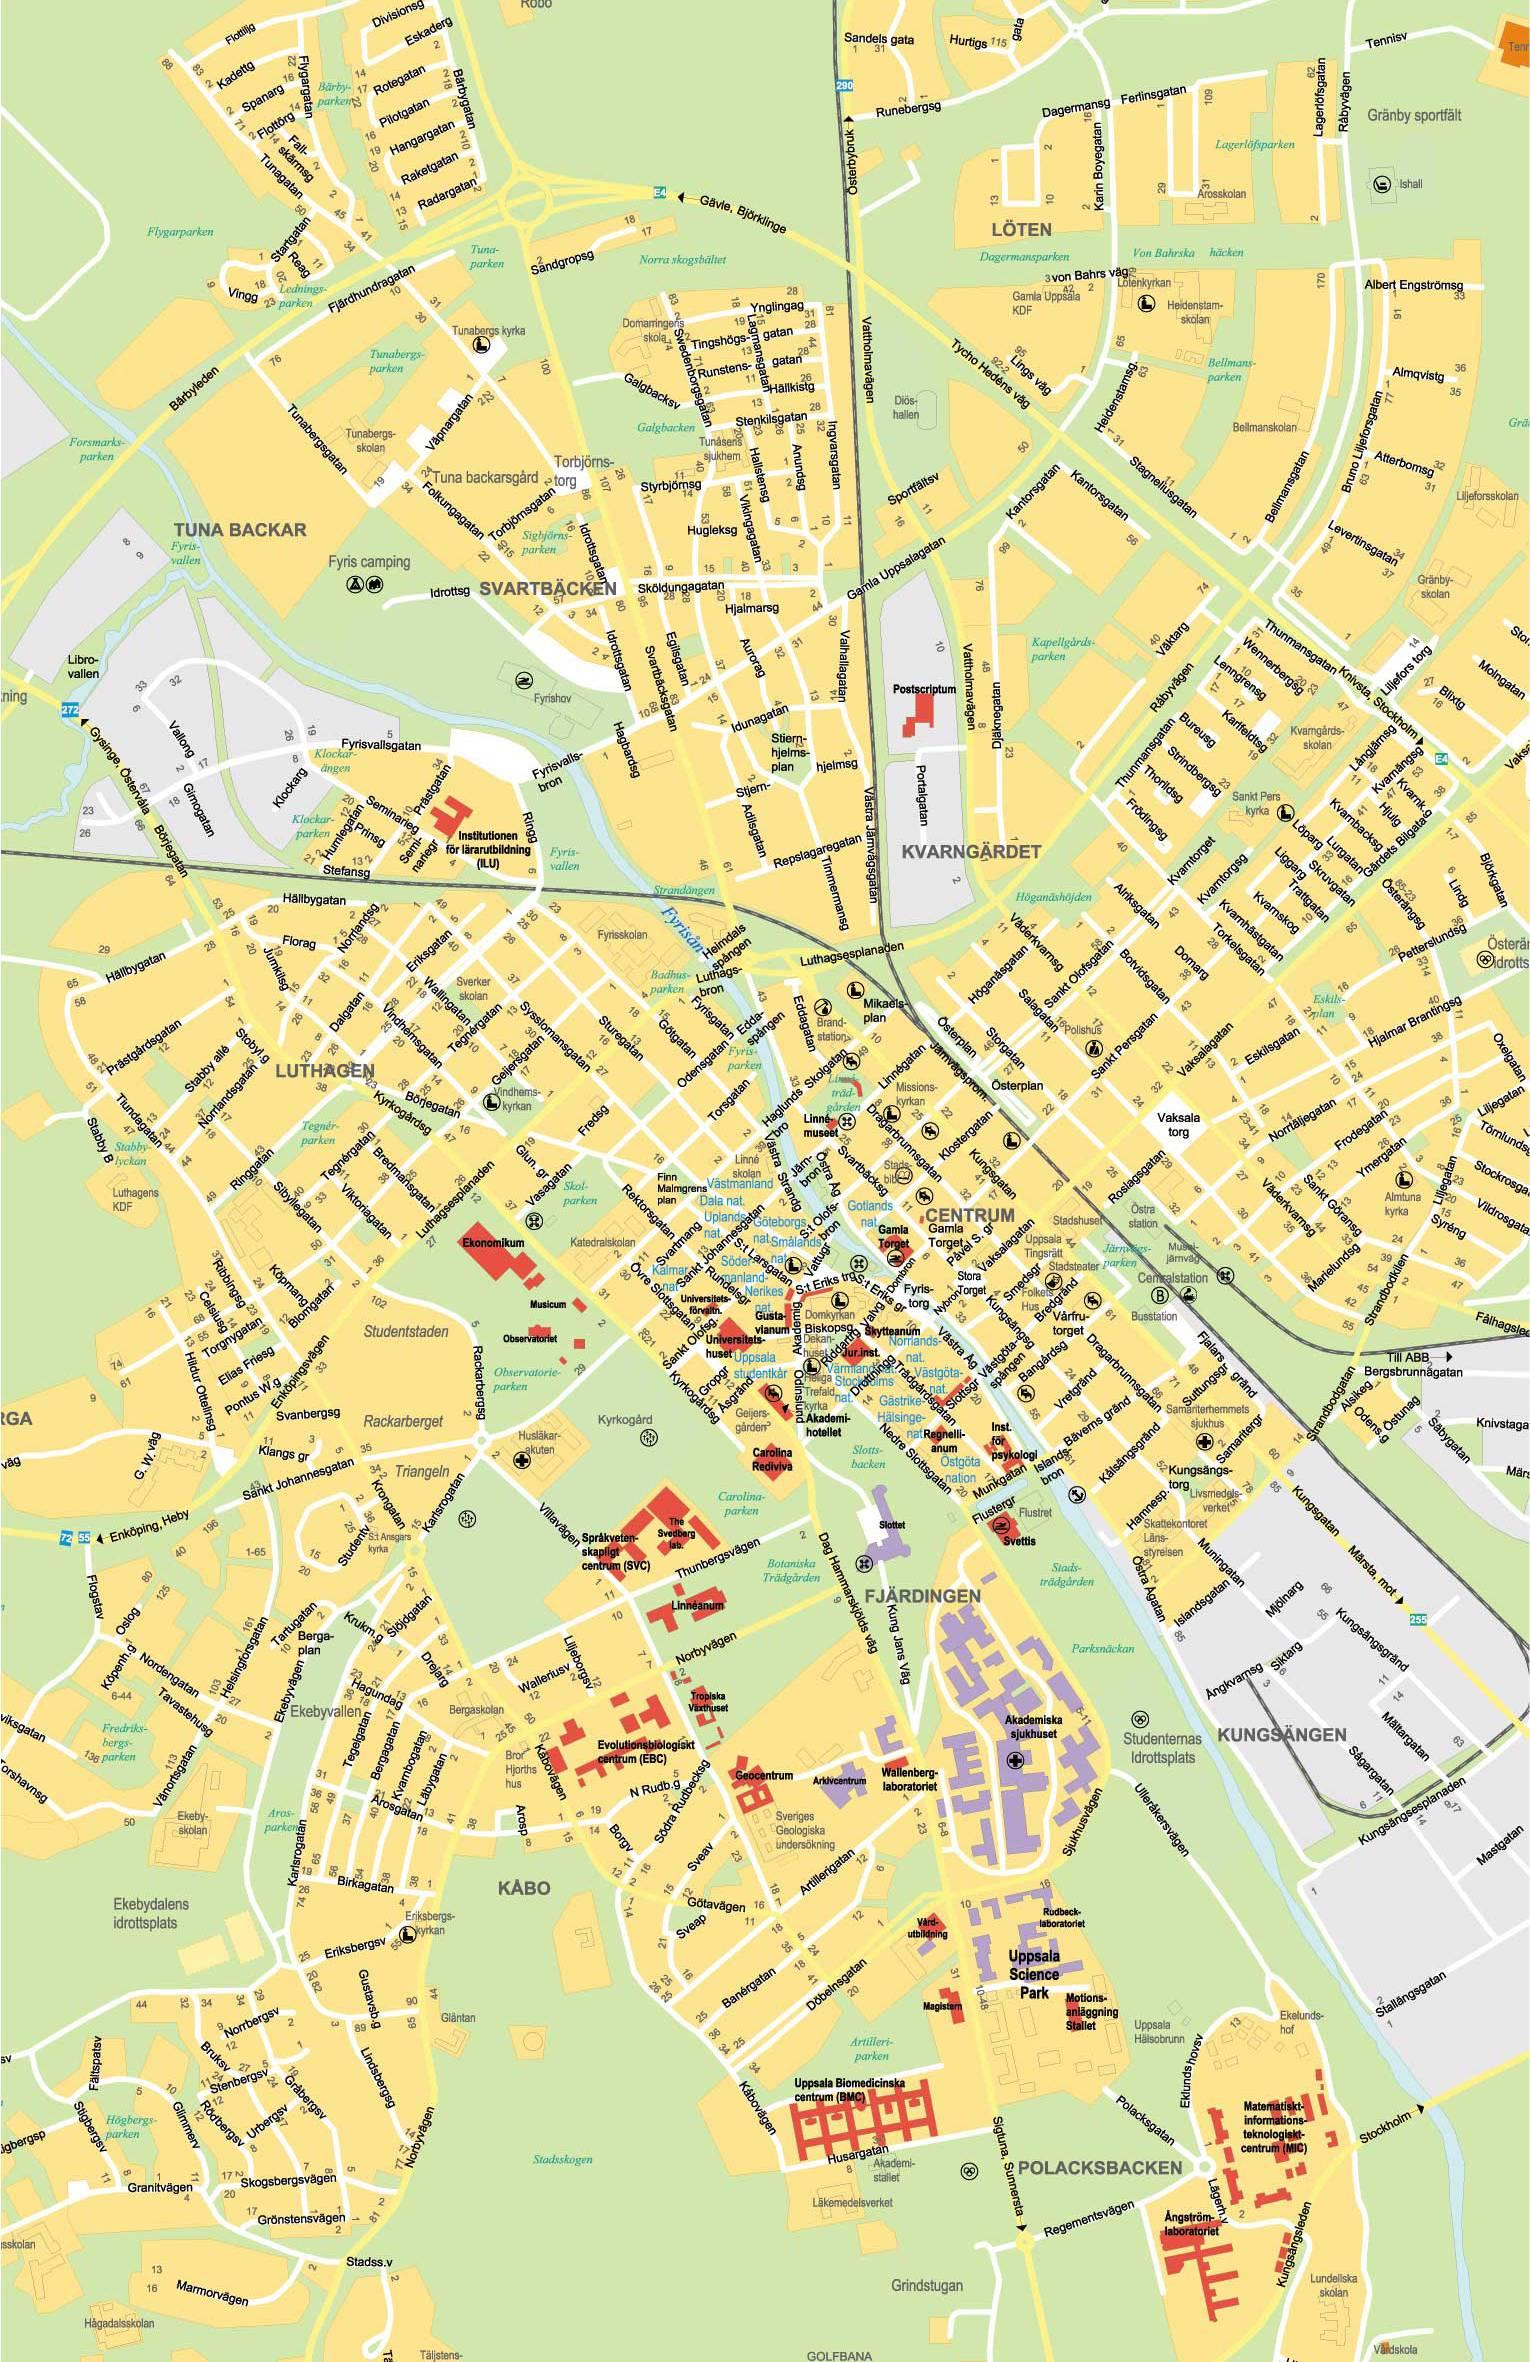 瑞典烏普沙拉地图,瑞典地图高清中文版